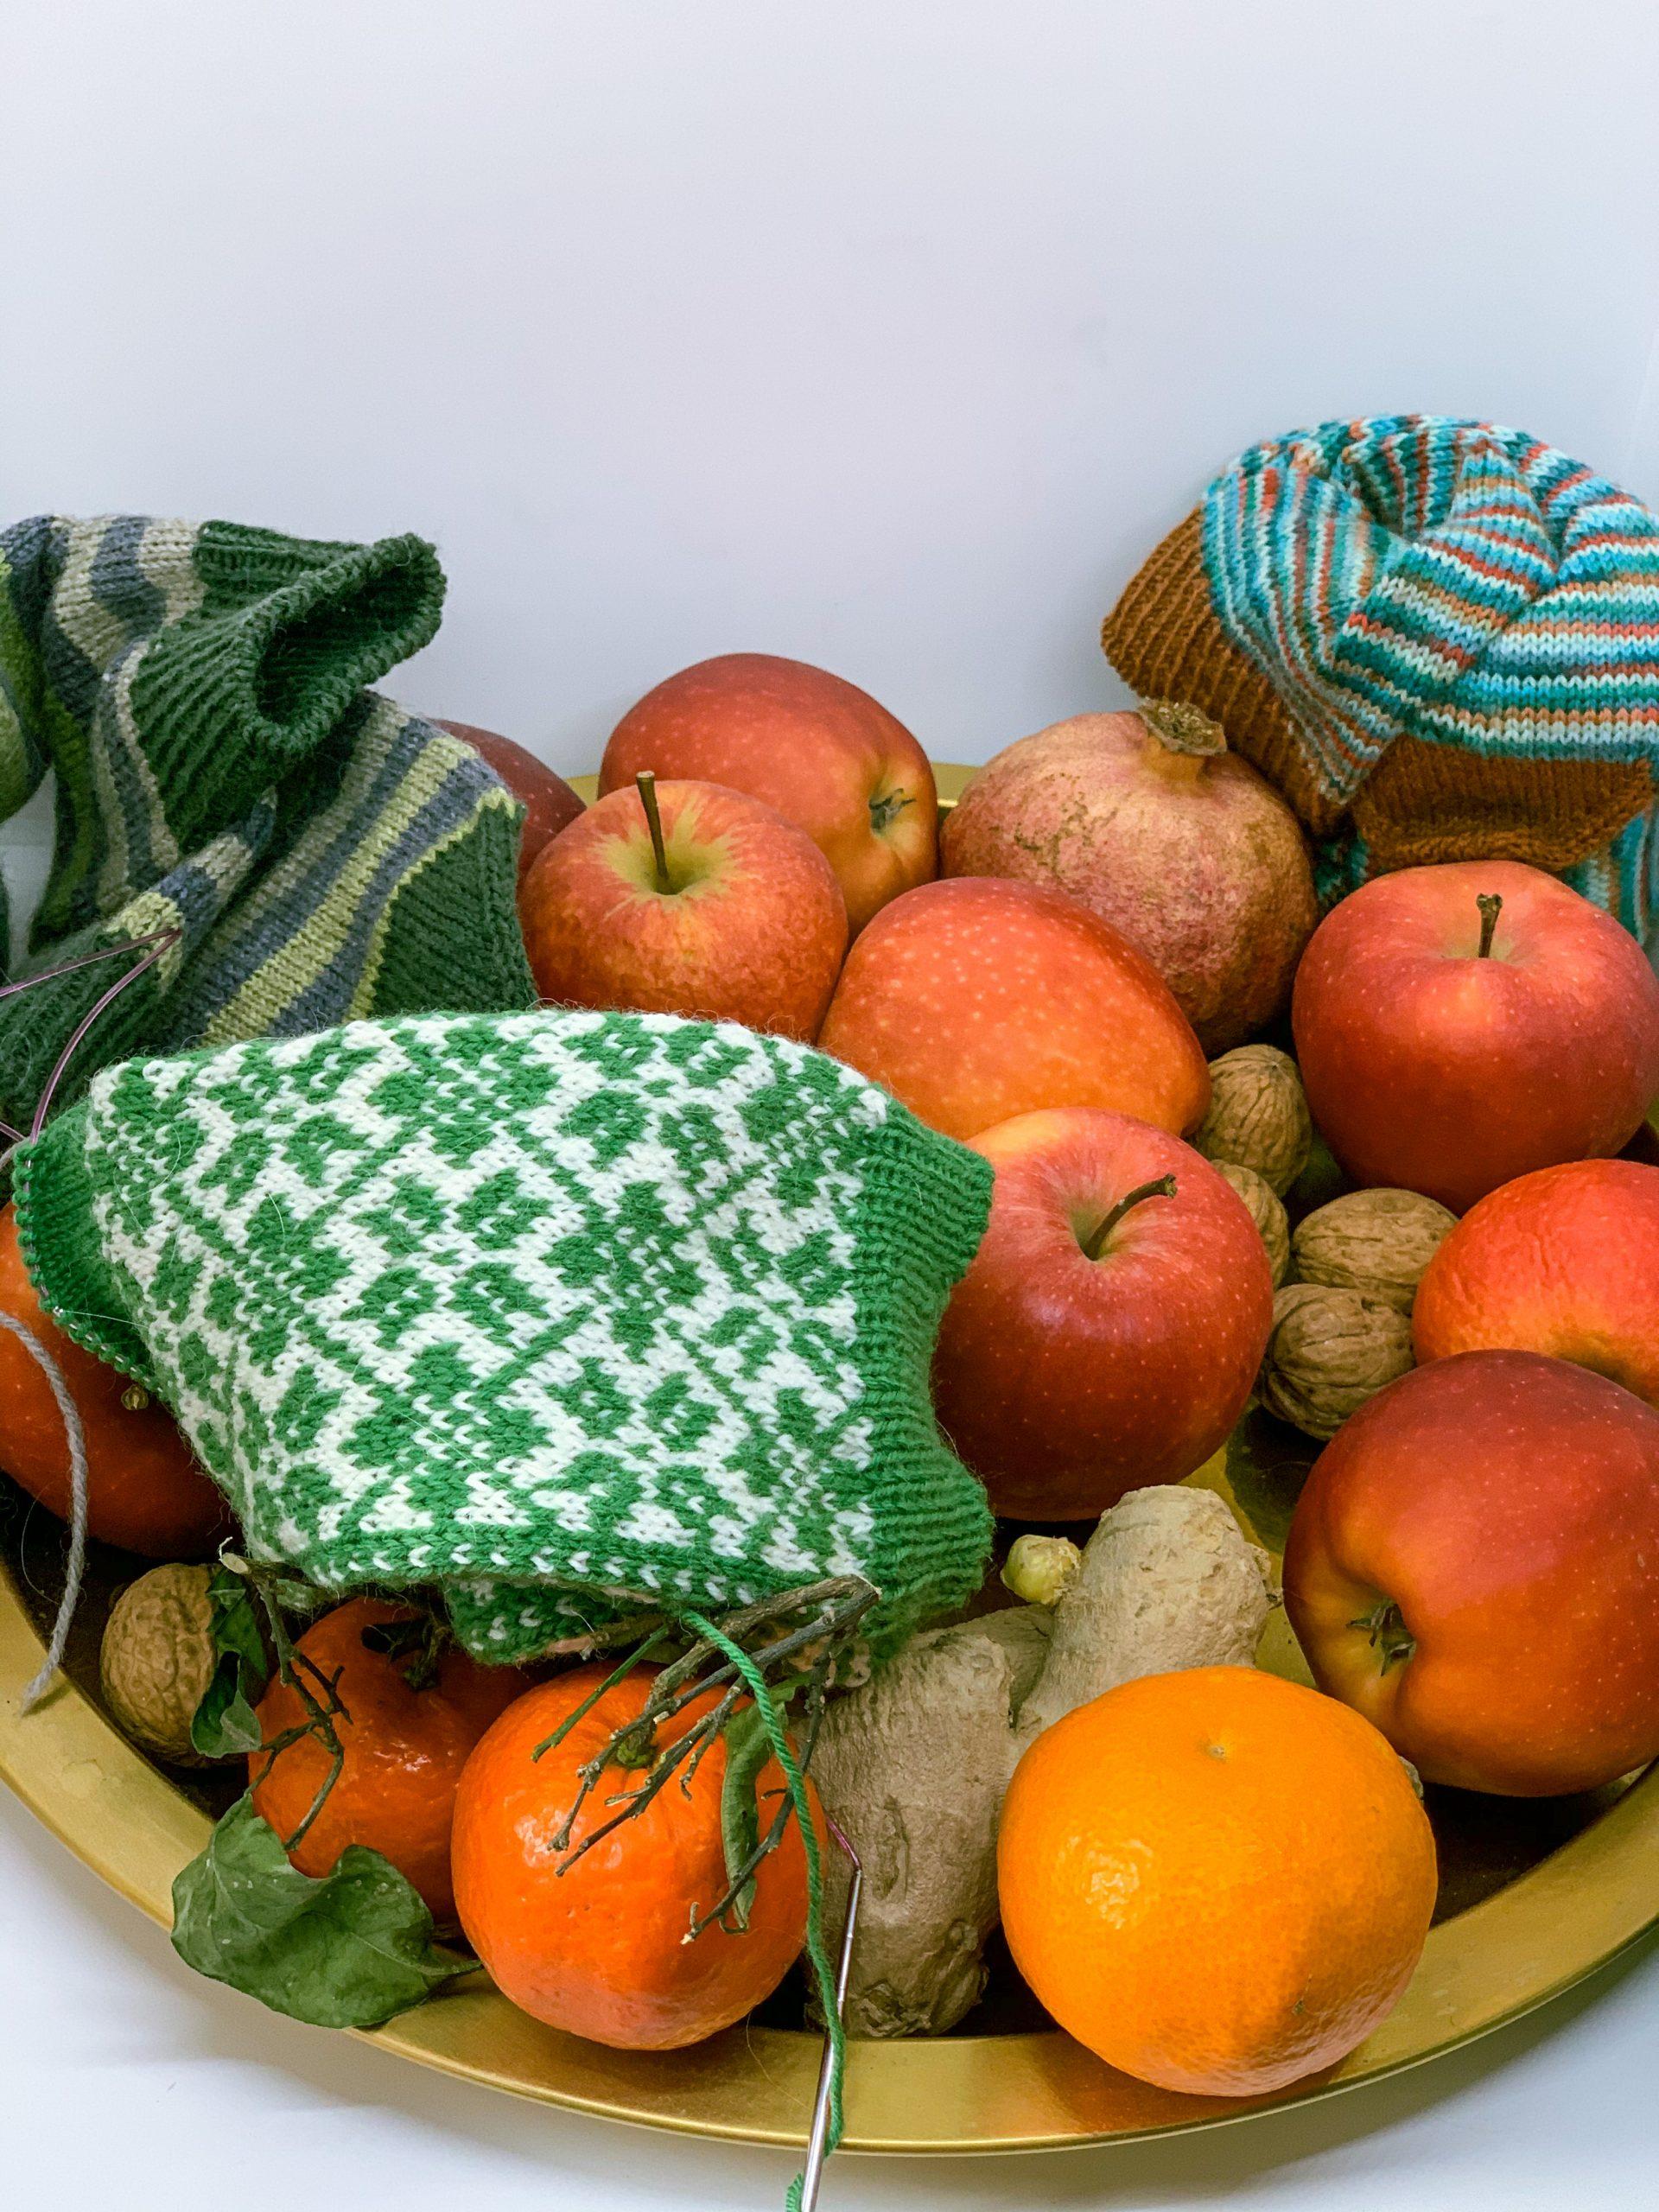 Nikolausteller mit grünen Wollsocken Mandarinen Nüssen Granatapfel Apfel und Ingwer